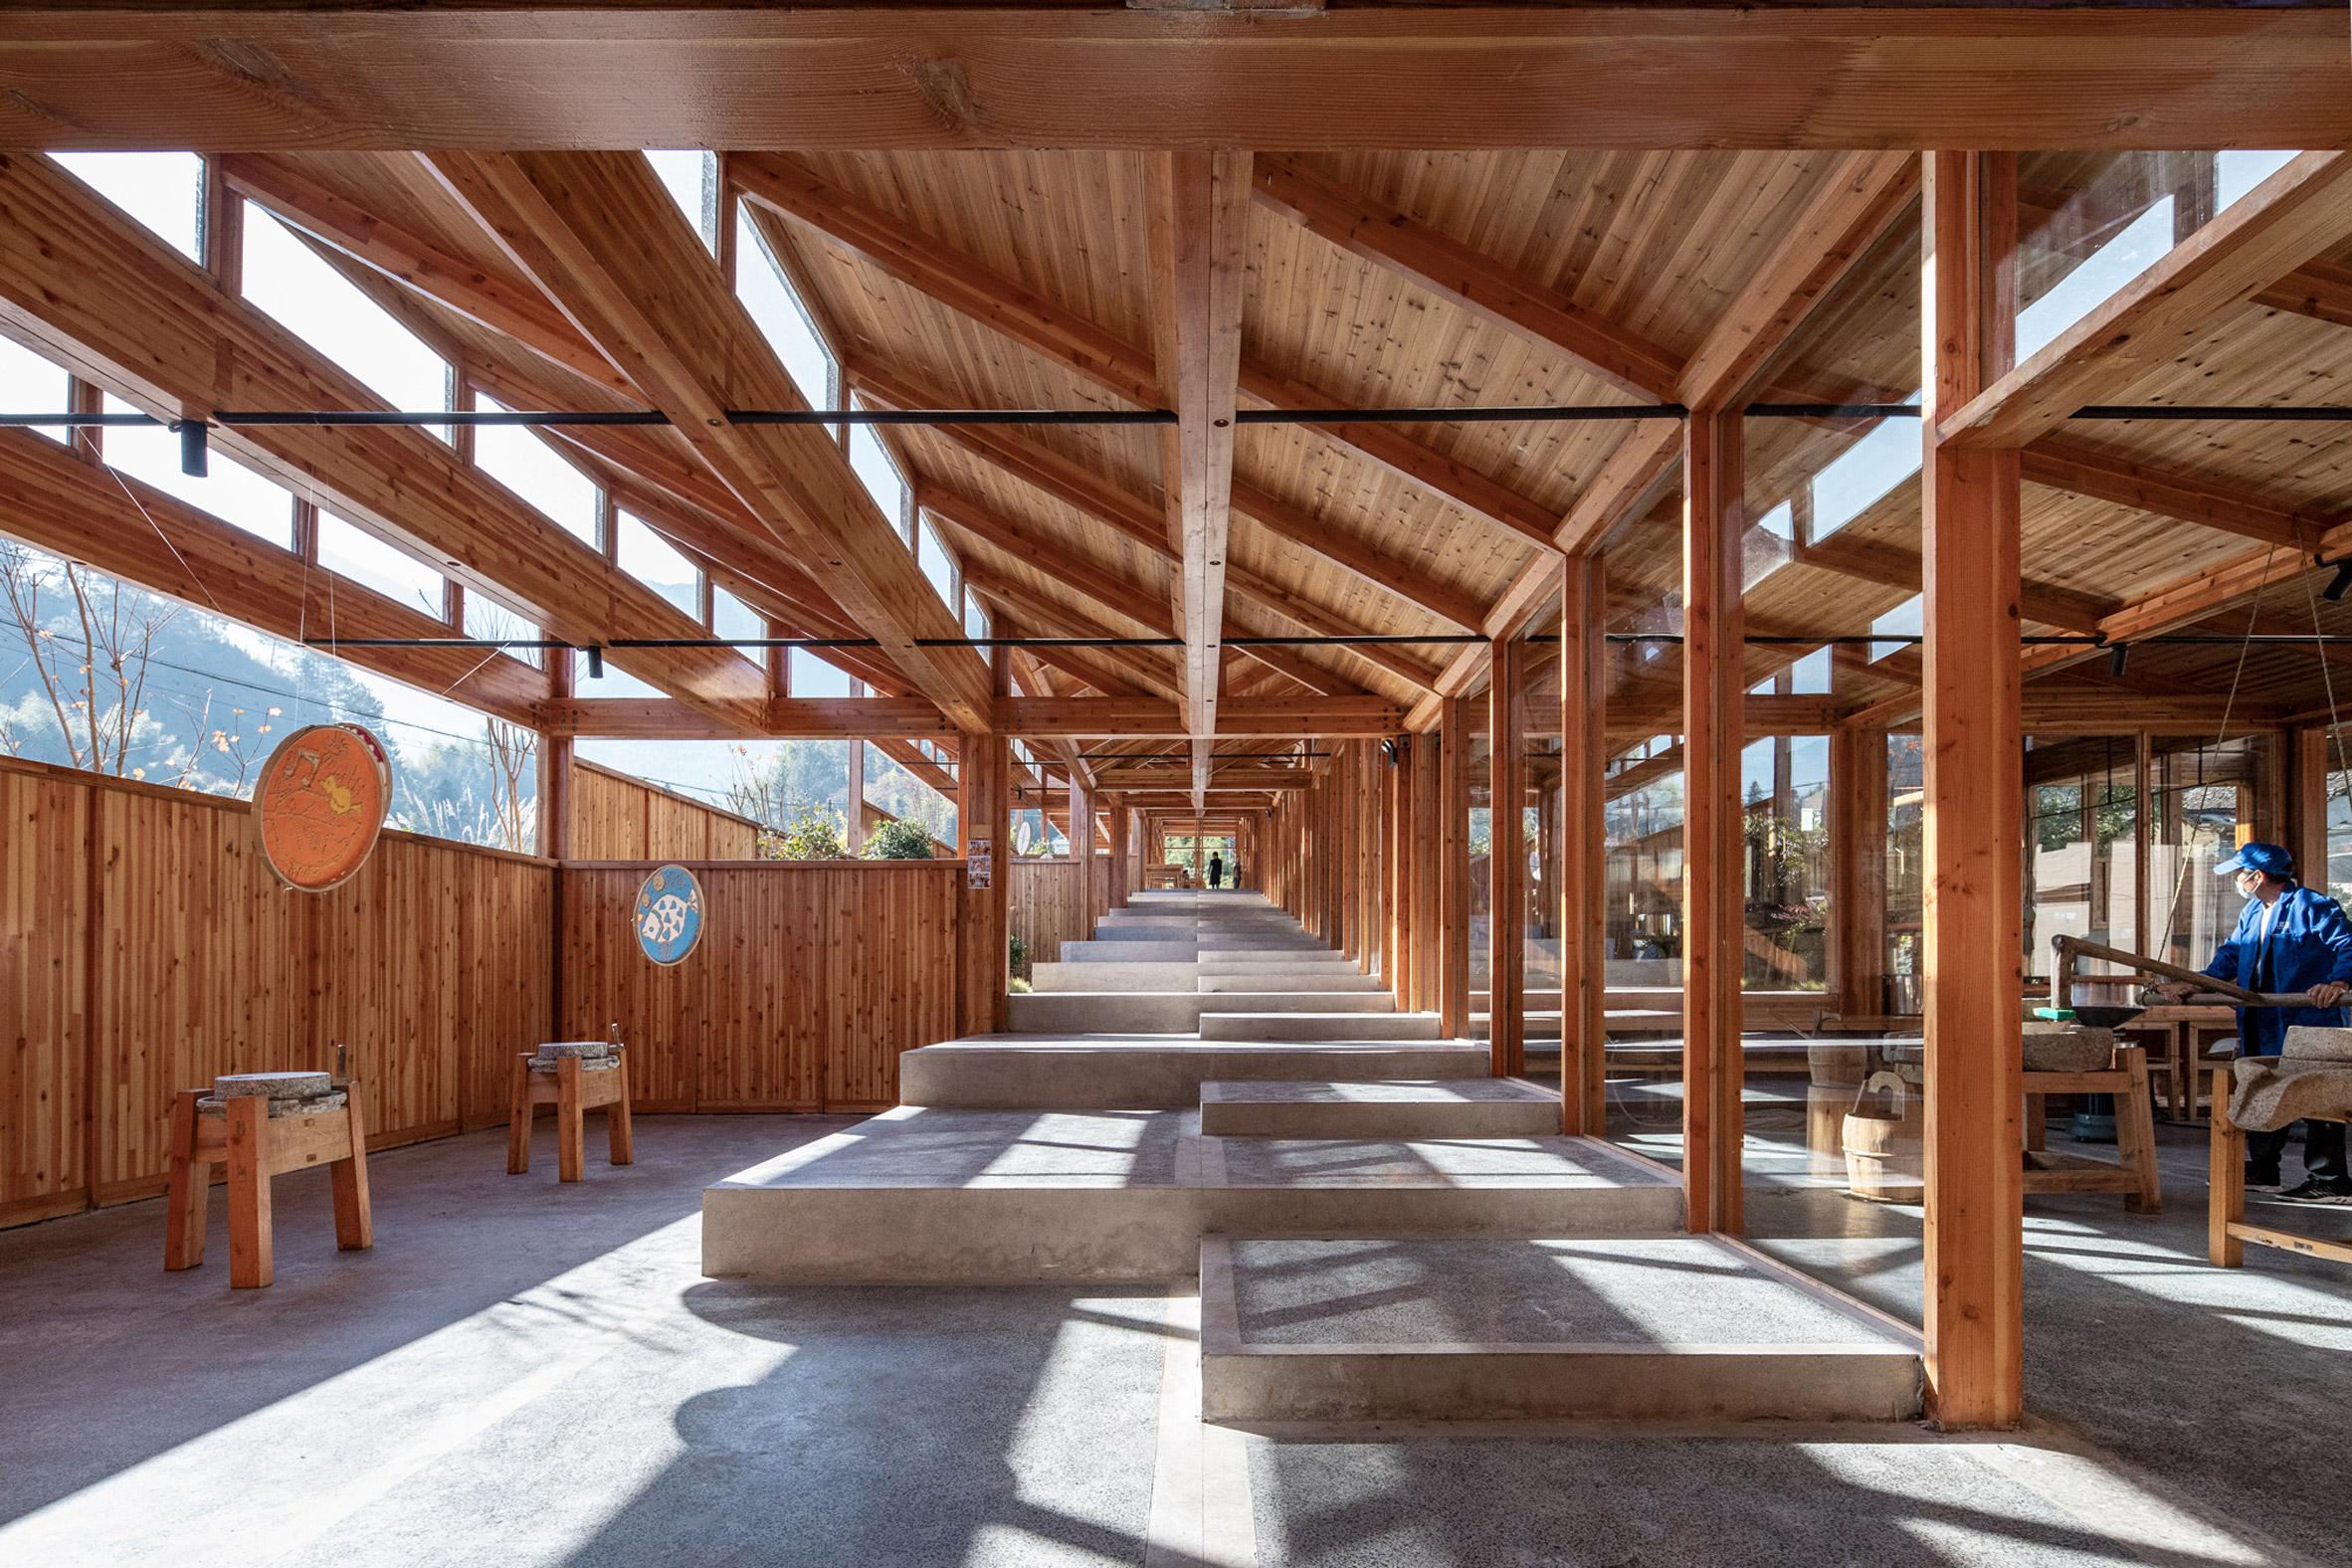 xDnA_Design and Architecture